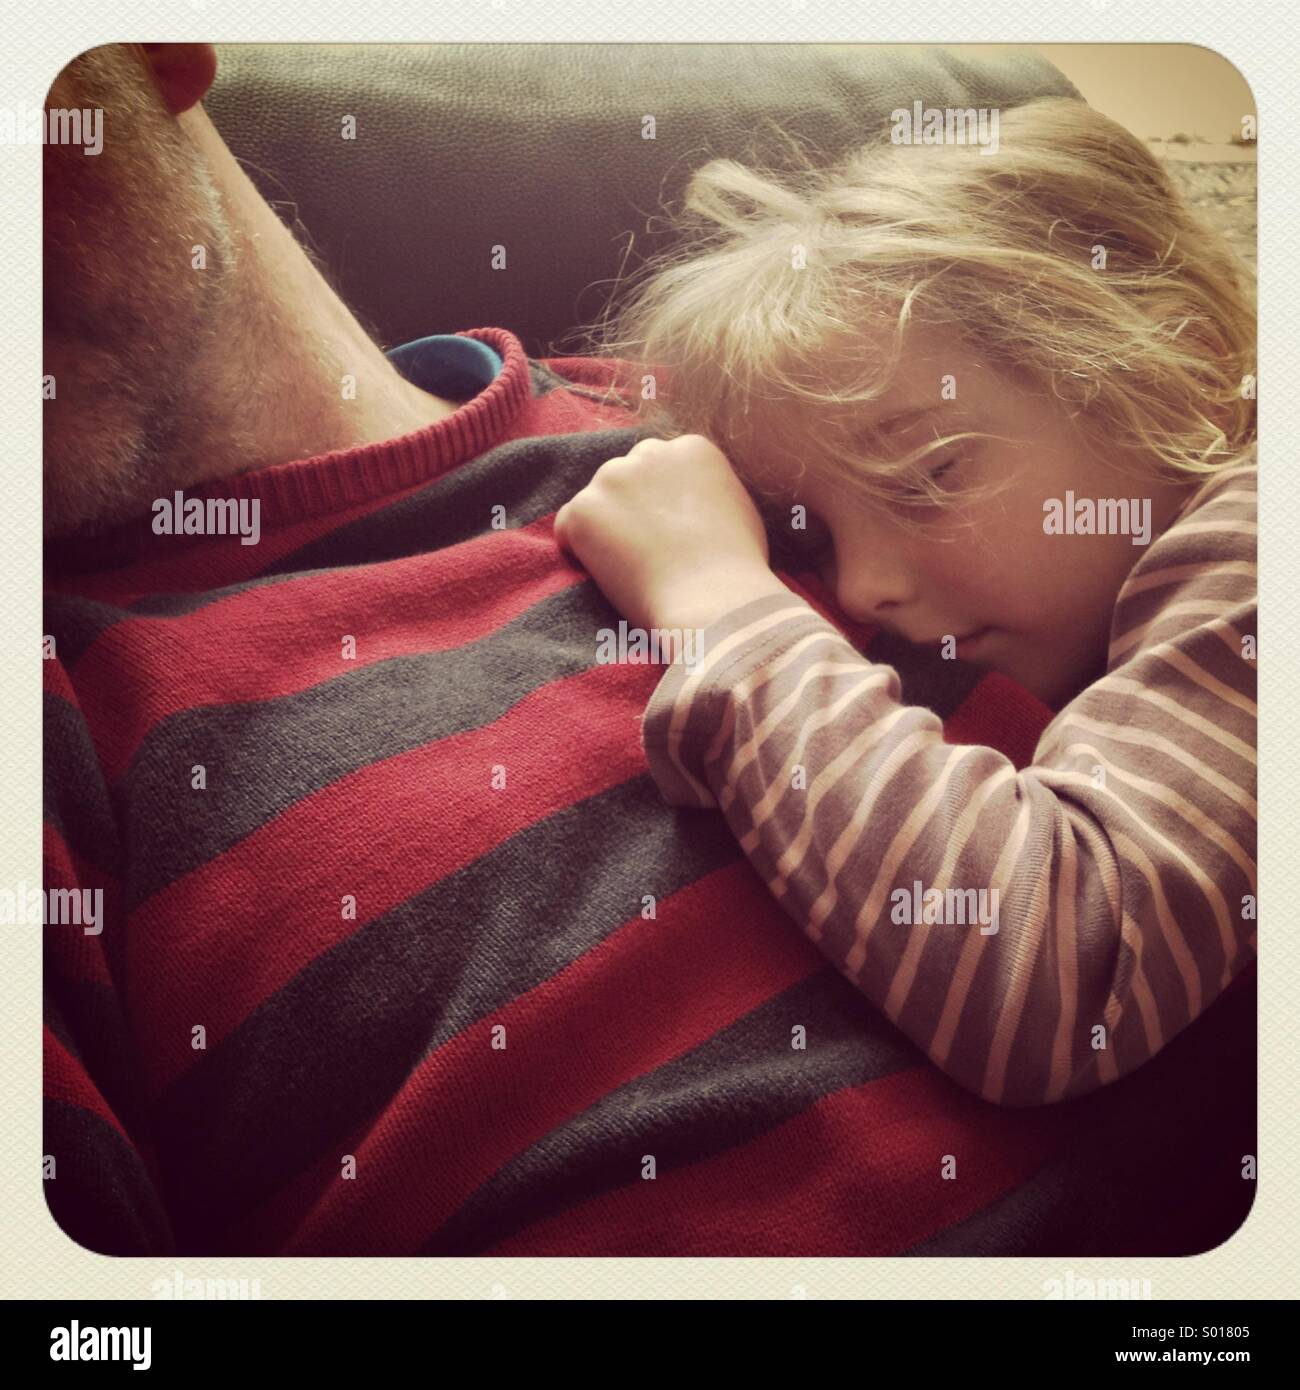 Eine Tochter schlief auf ihres Vaters Brust Stockfoto